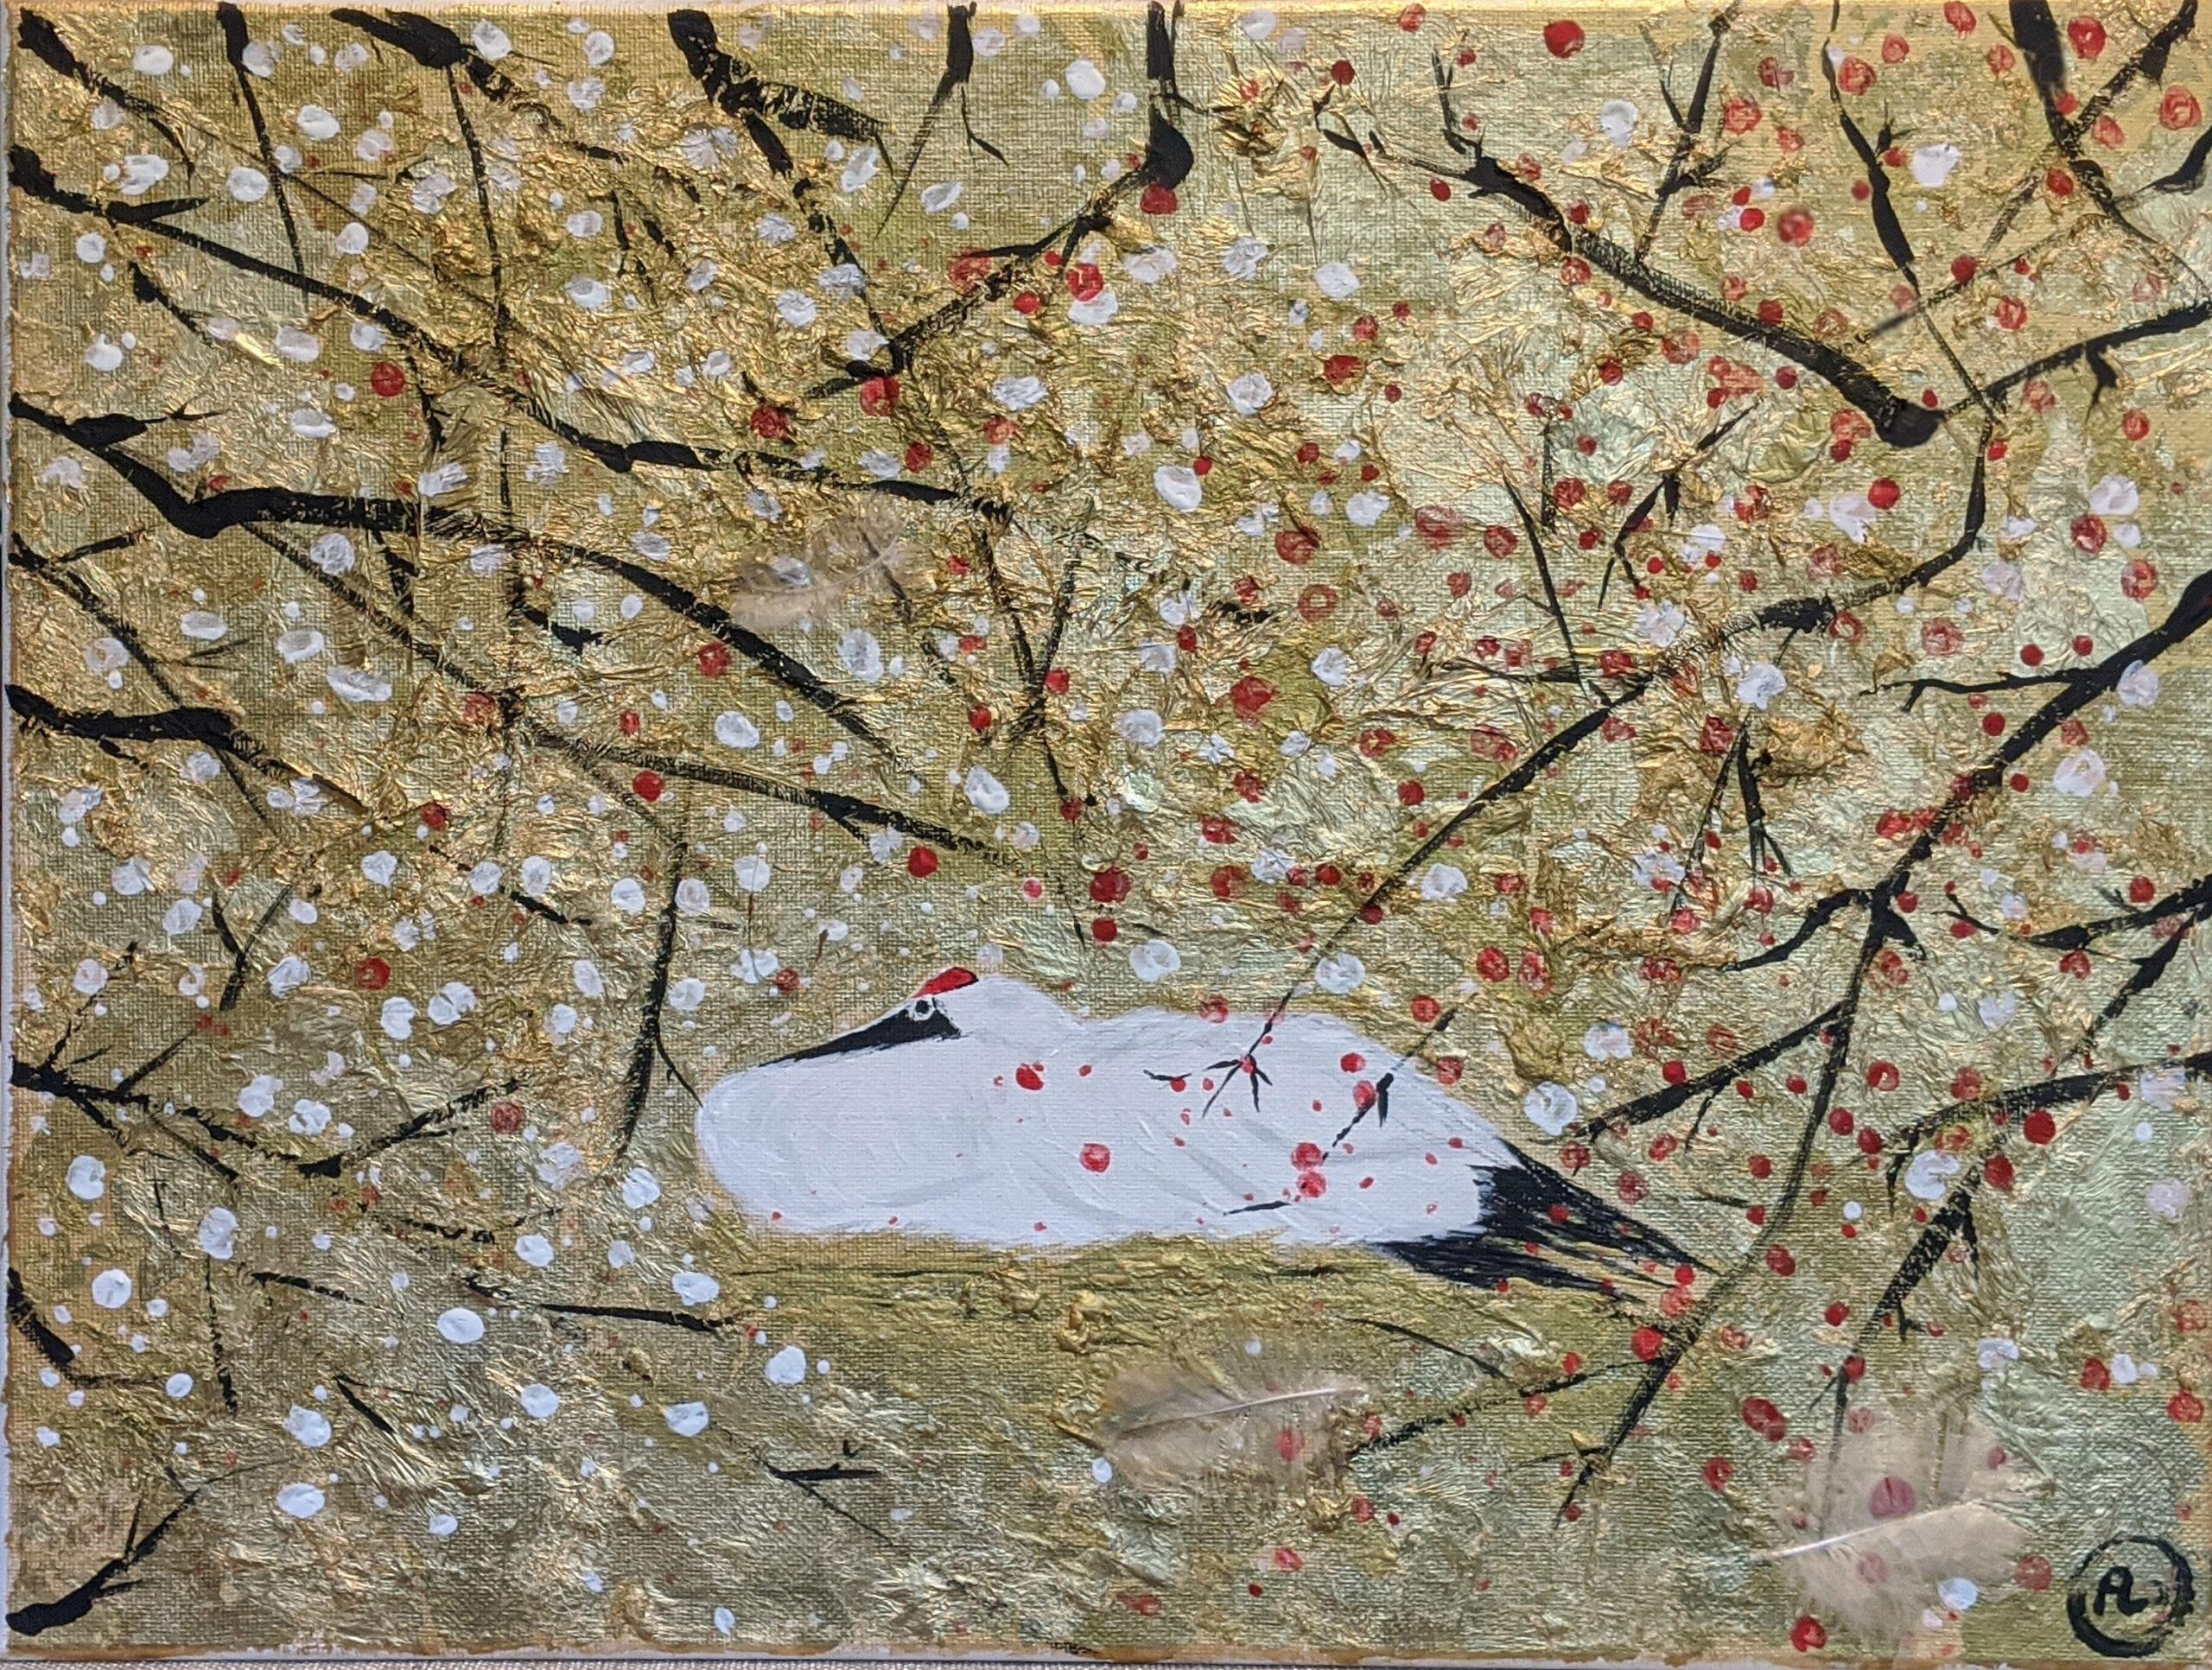 缥缈孤鸿影 Lonely Red Crowned Crane by Fan Stanbrough